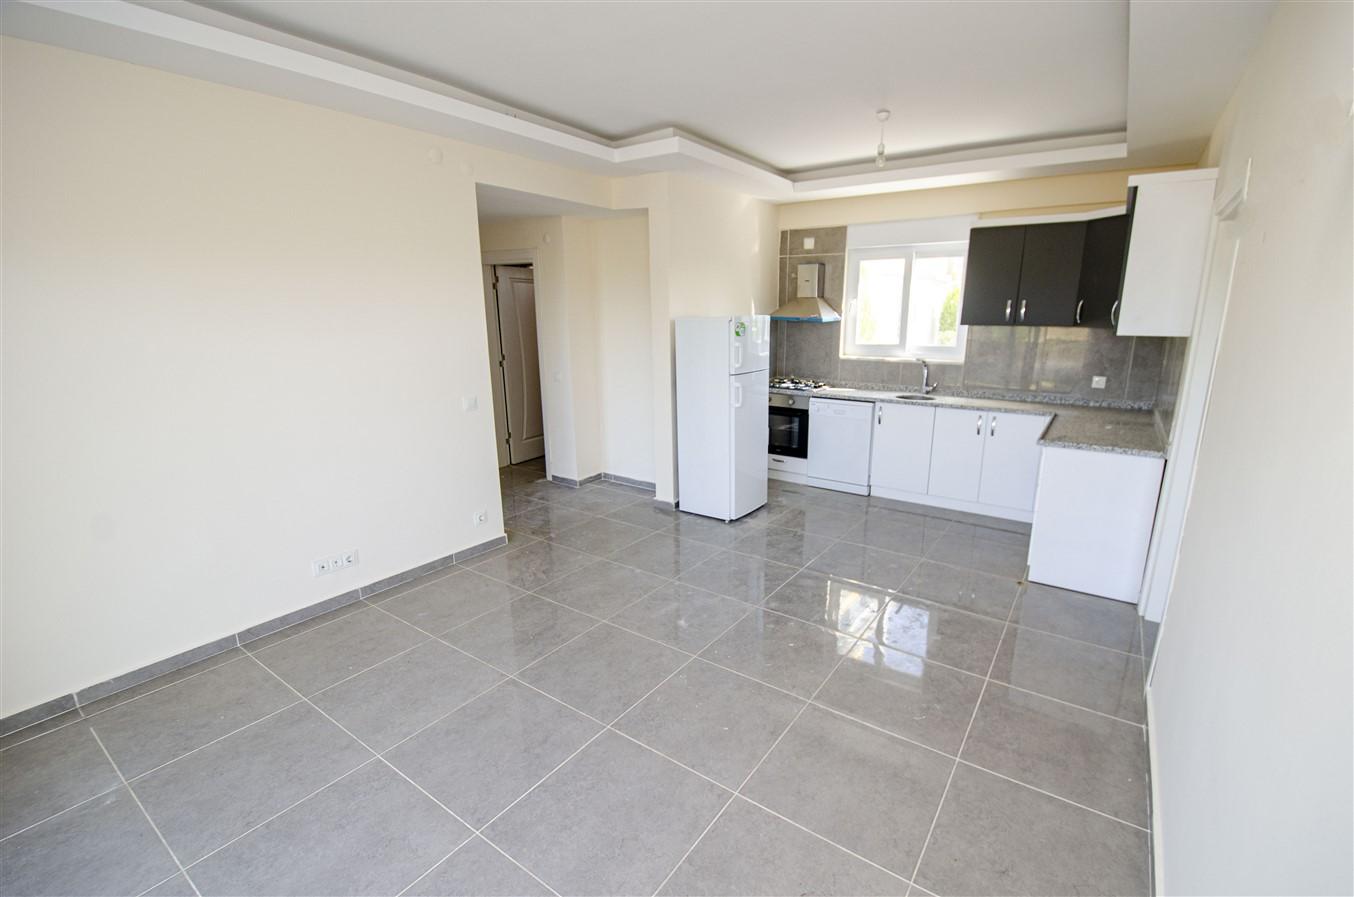 Квартира 2+1 в новом доме в центре Белека Анталия - Фото 17